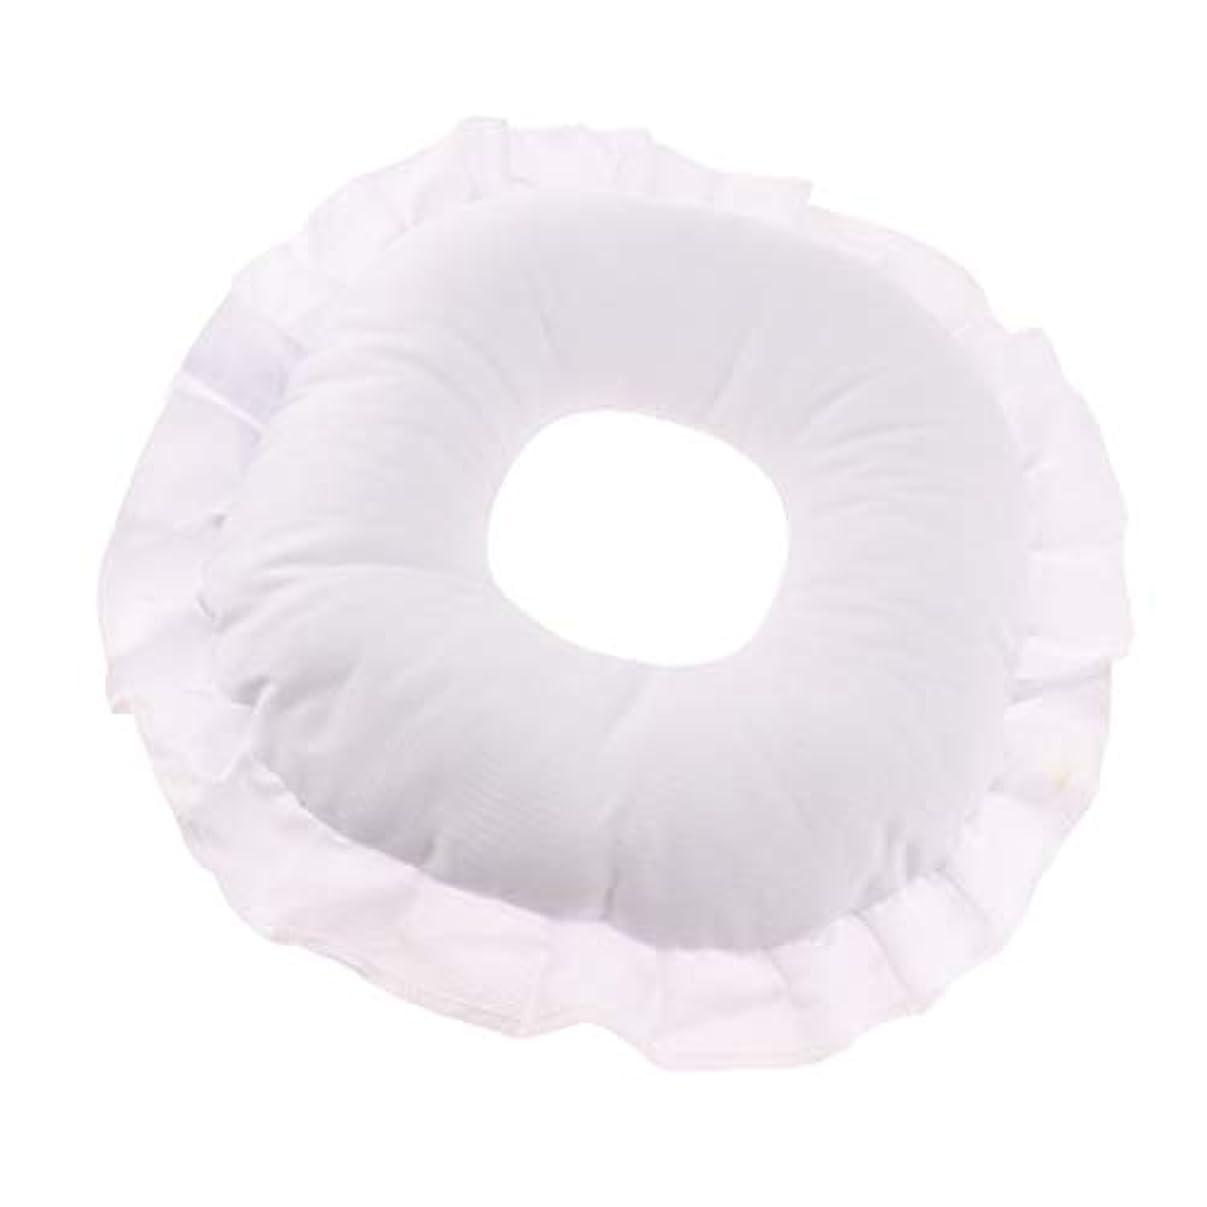 犯罪広い不正直D DOLITY フェイスピロー 顔枕 マッサージ枕 フェイスクッション ソフト 洗えるカバー 全3色 - 白